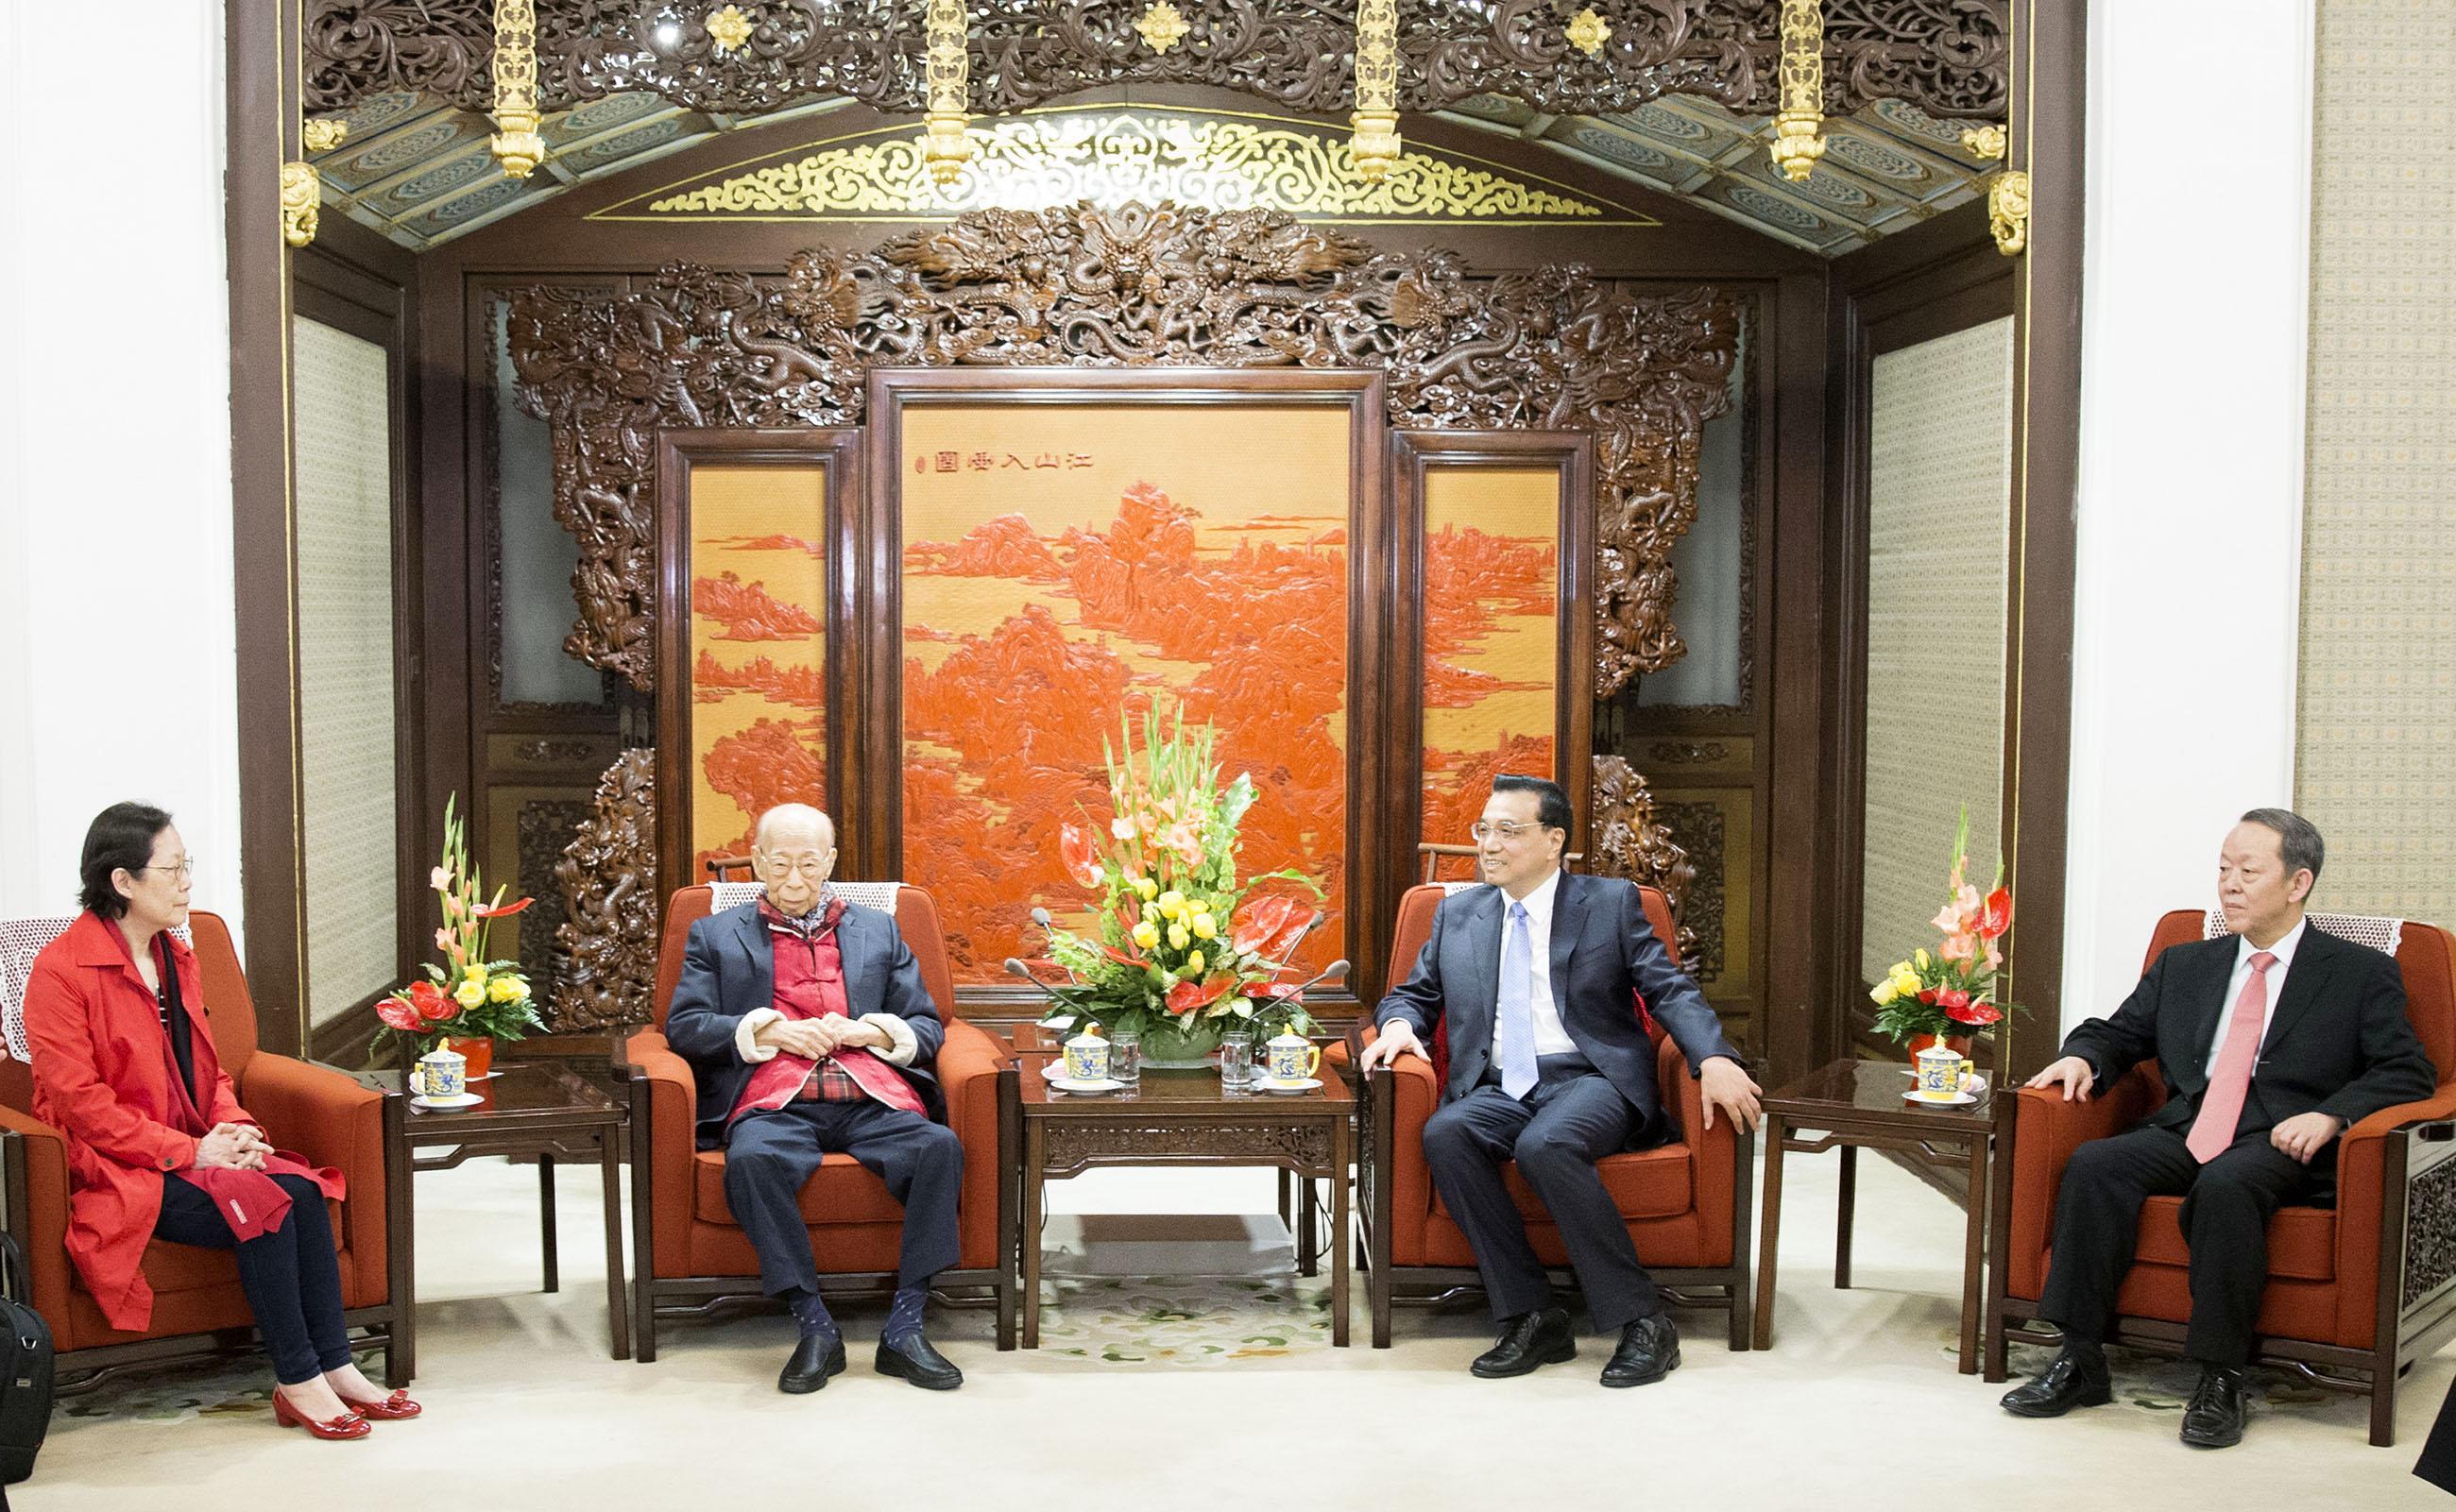 2015年4月27日,國務院總理李克強在北京中南海紫光閣會見饒宗頤先生(新華社)